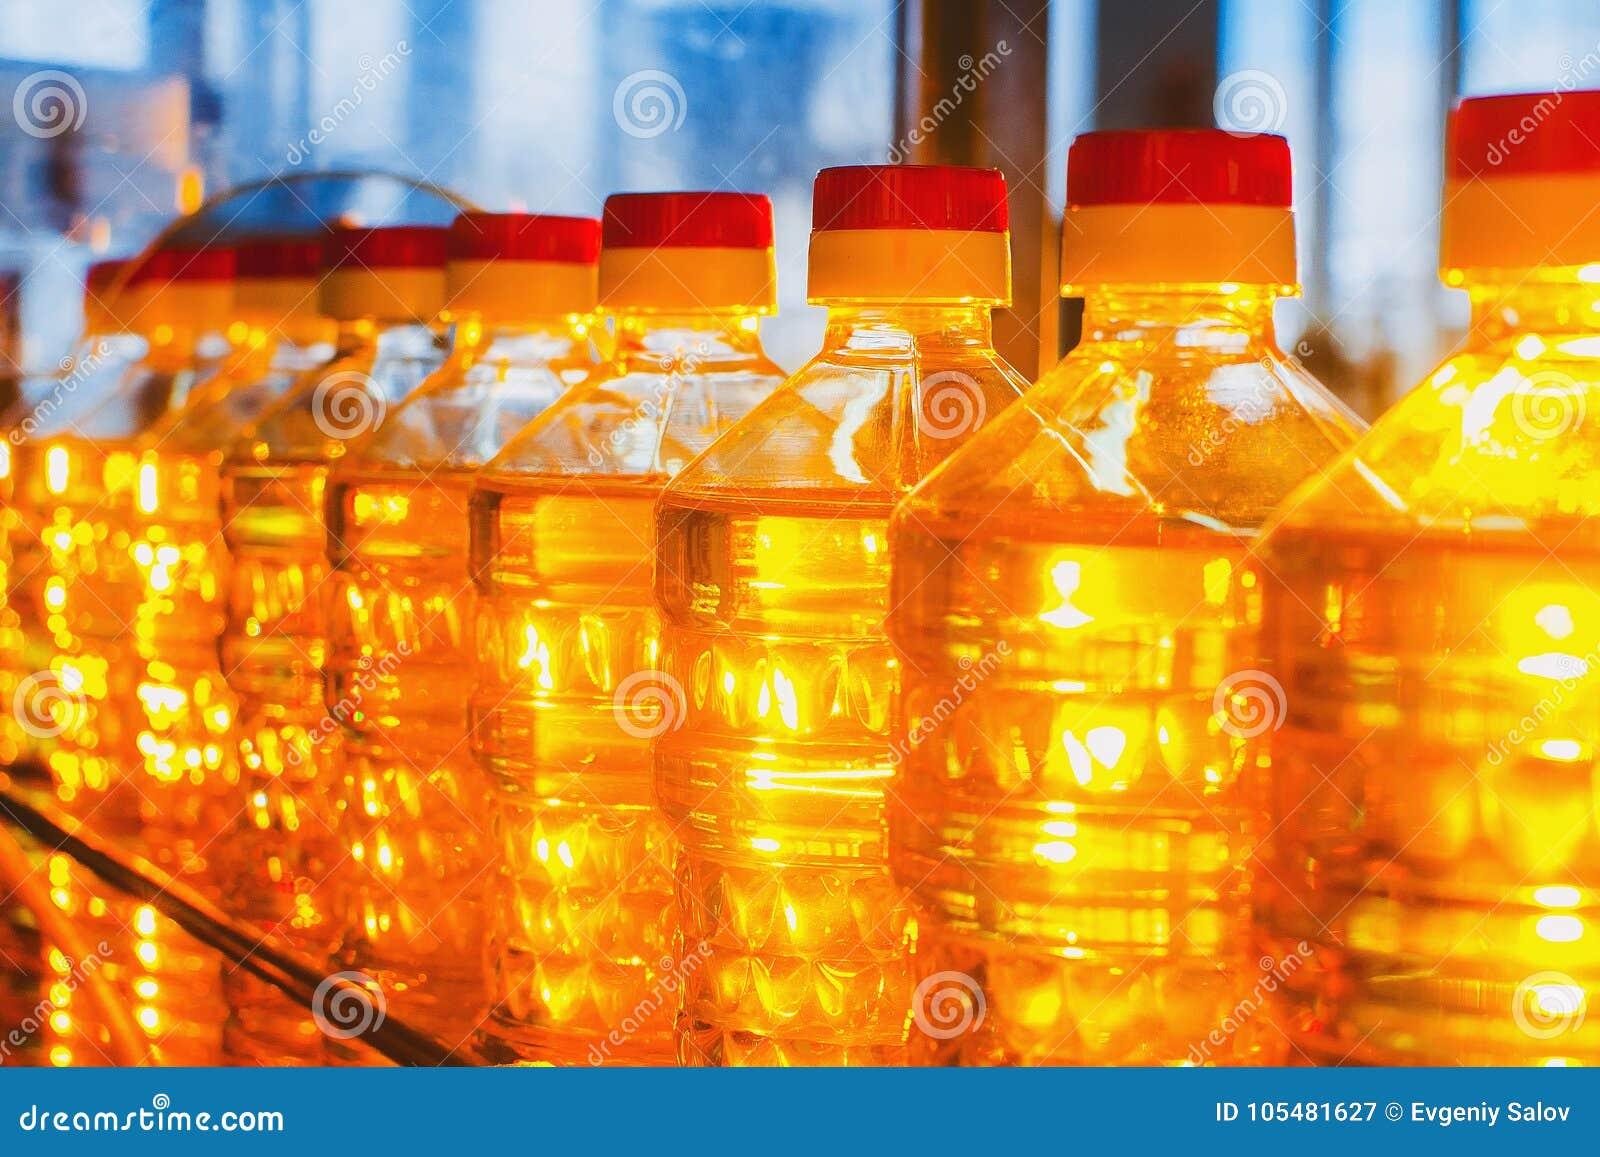 Масло в бутылках Промышленное производство подсолнечного масла транспортер